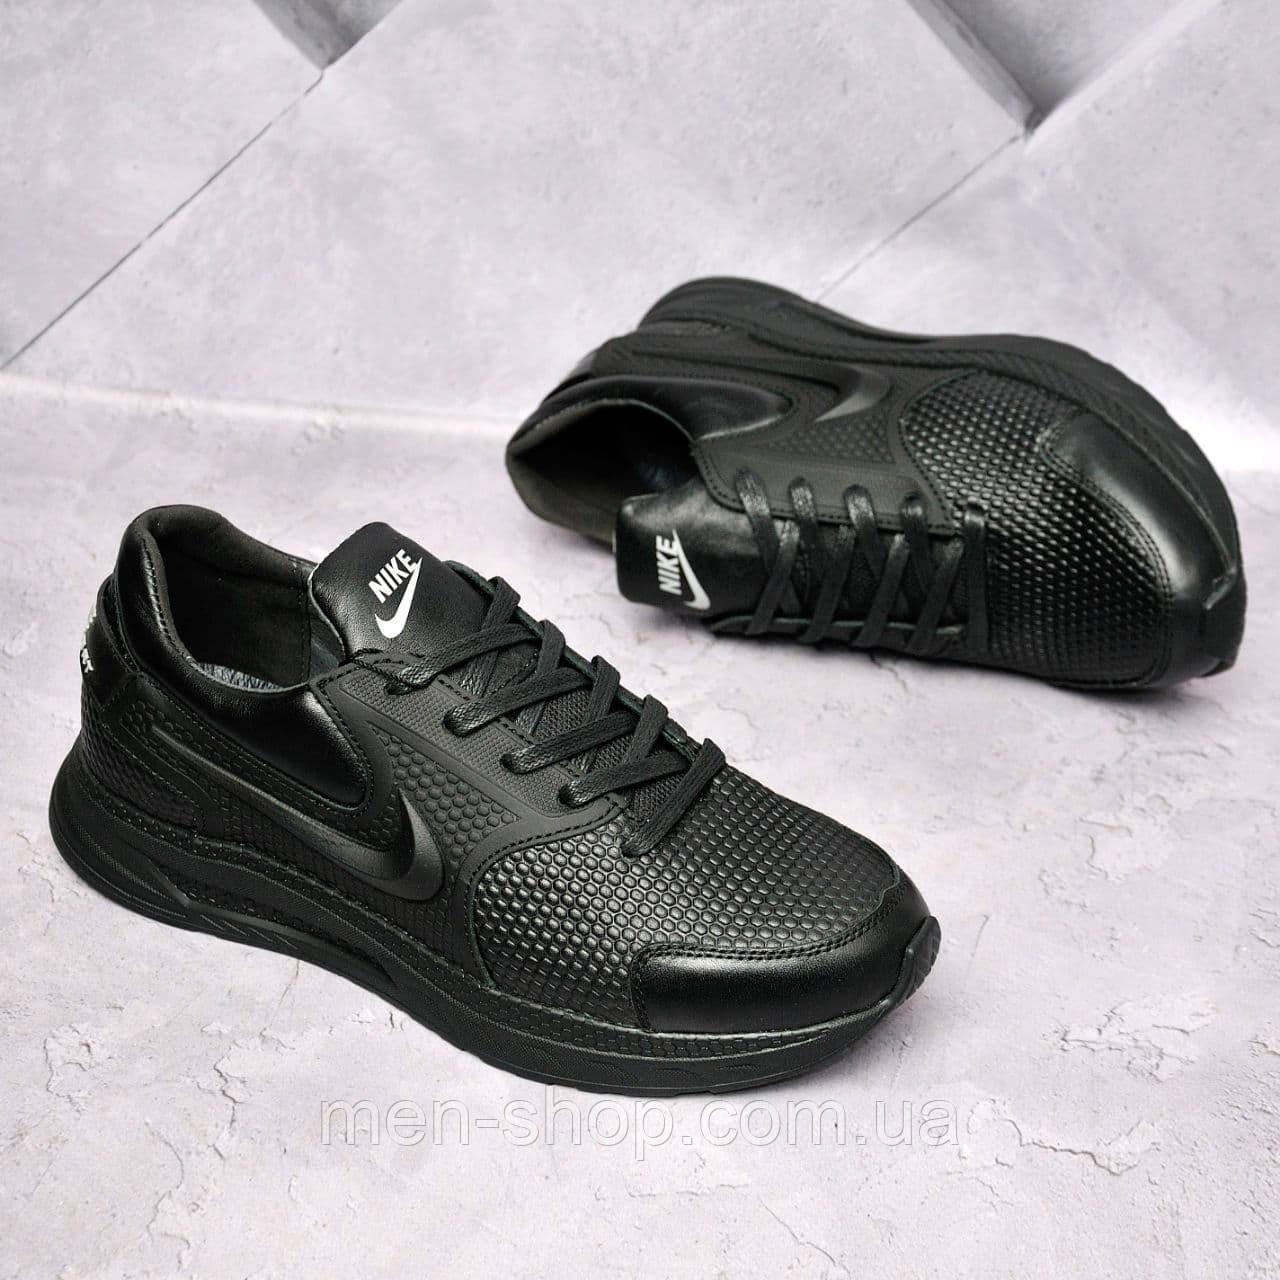 Чоловічі шкіряні кросівки Nike Чорні